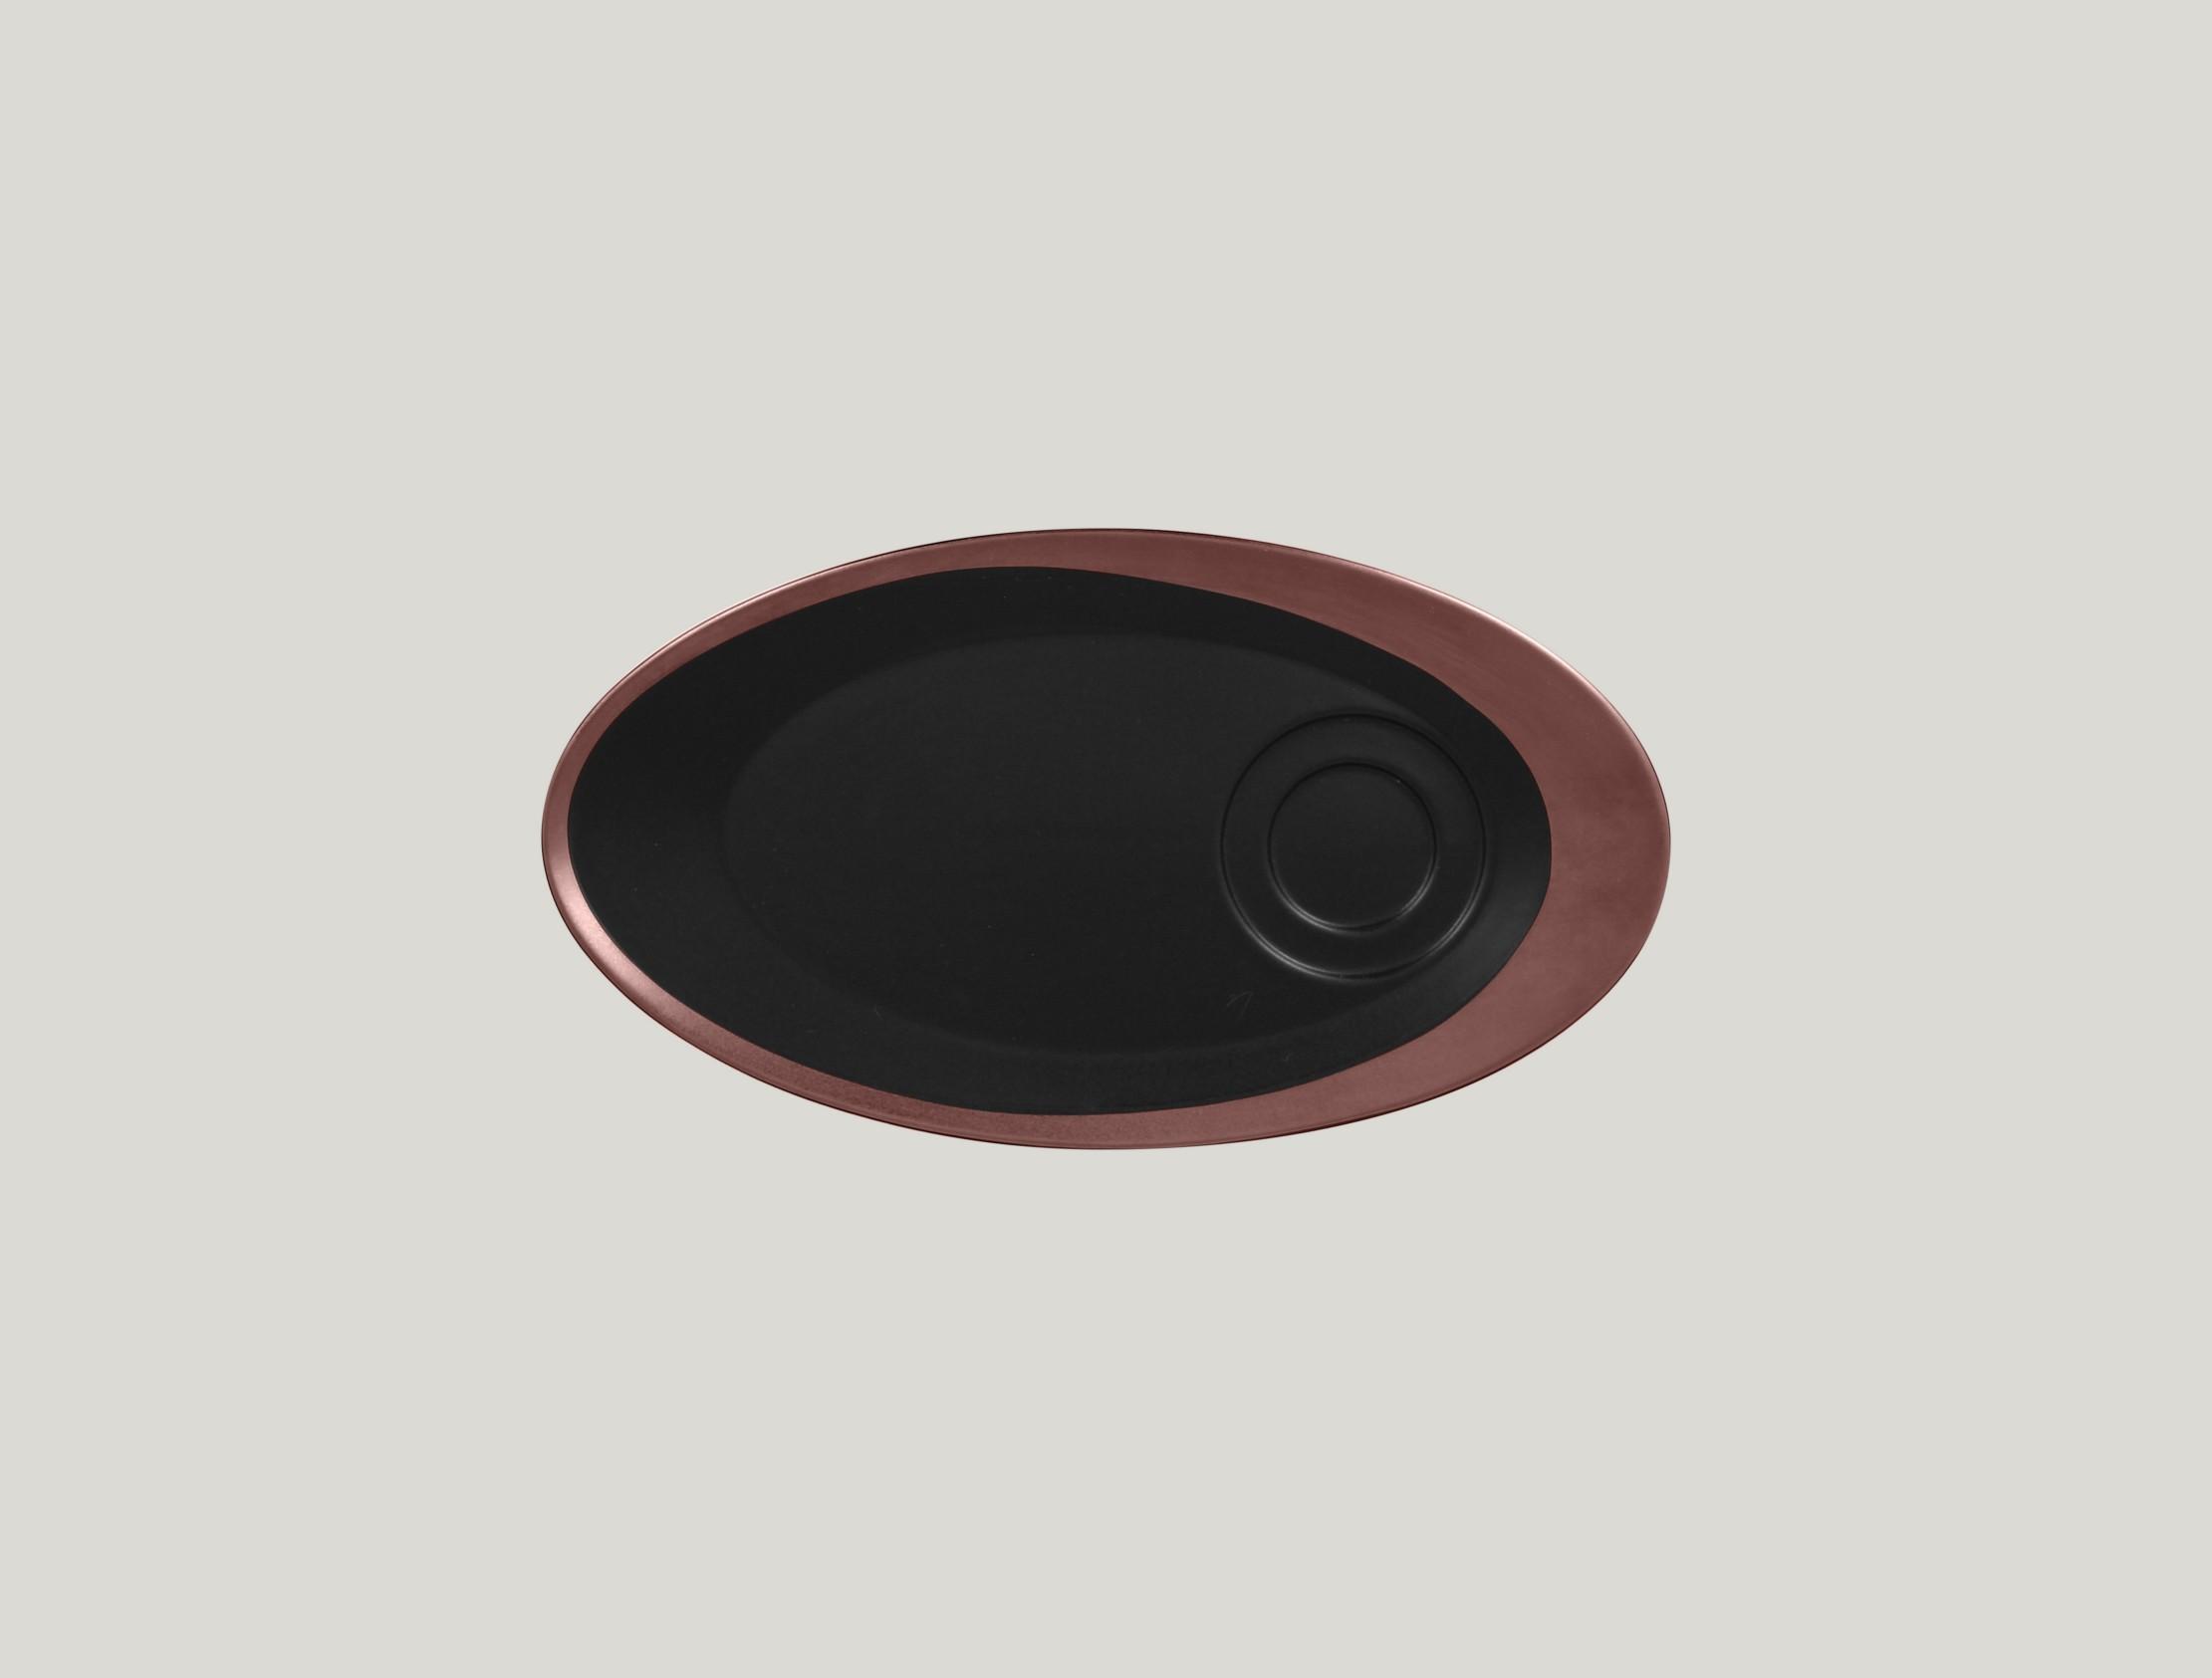 Ovalnáný podšálek pro GICU23/GICU09 - bronze ANTIC